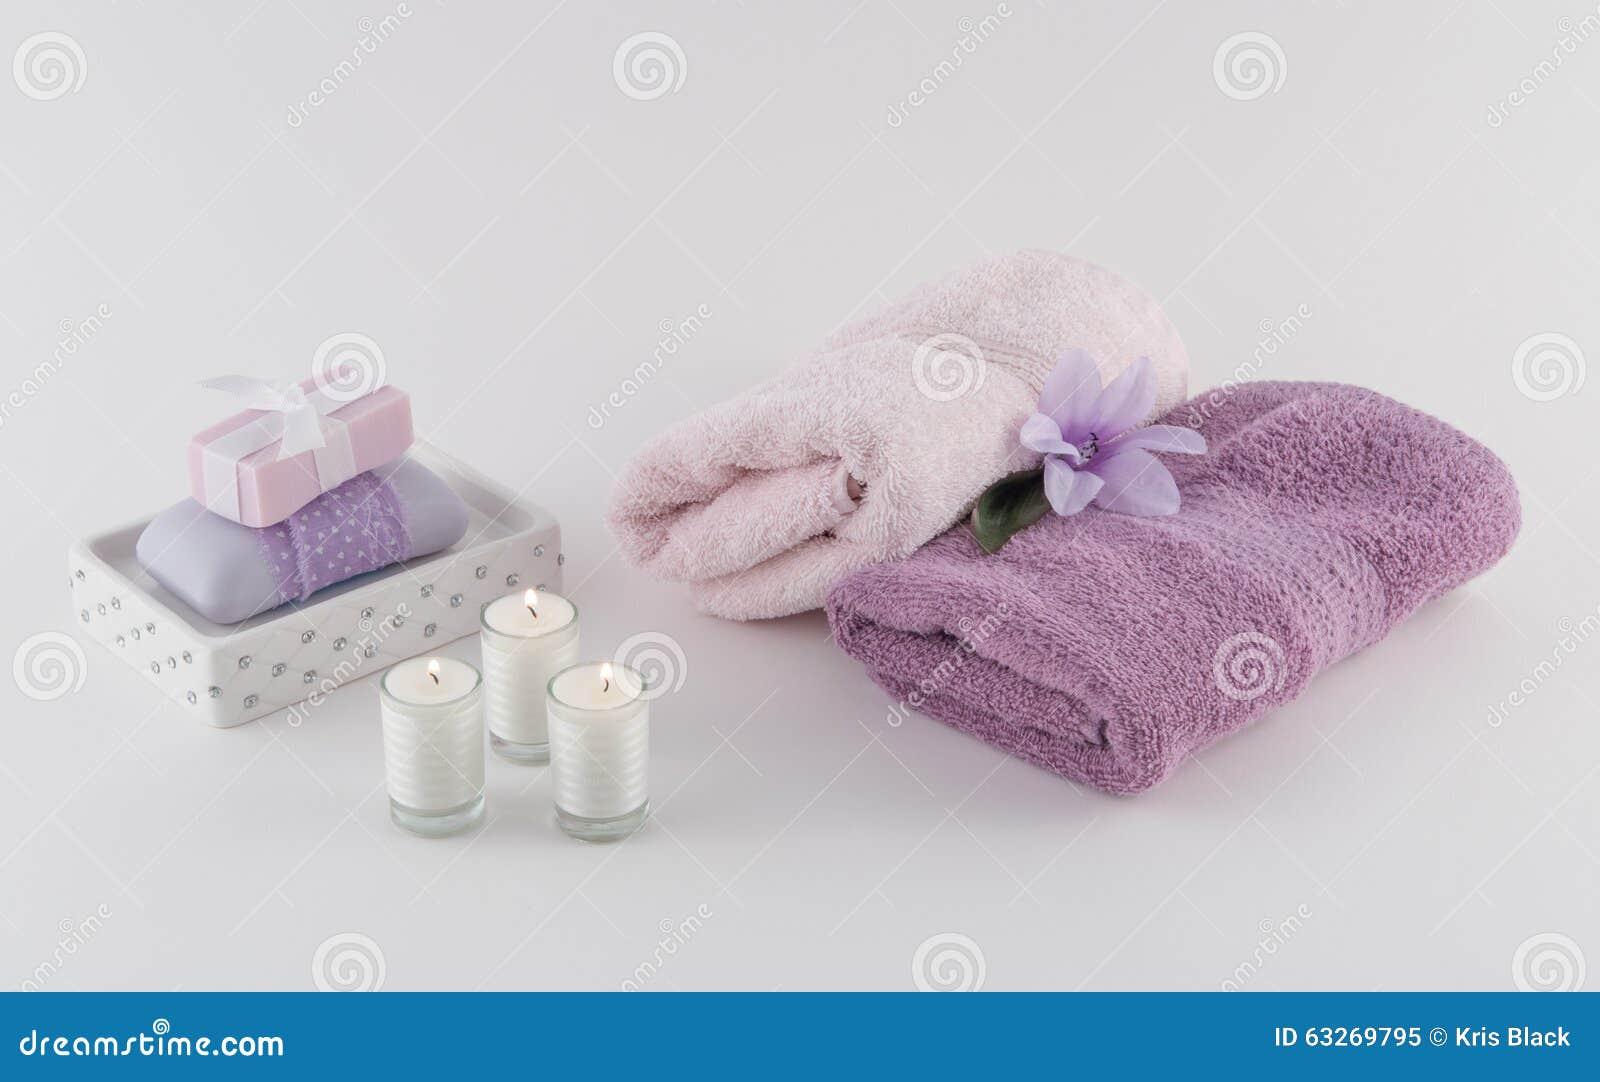 Stock asciugamani bagno modificare una pelliccia - Asciugamani bagno offerte ...